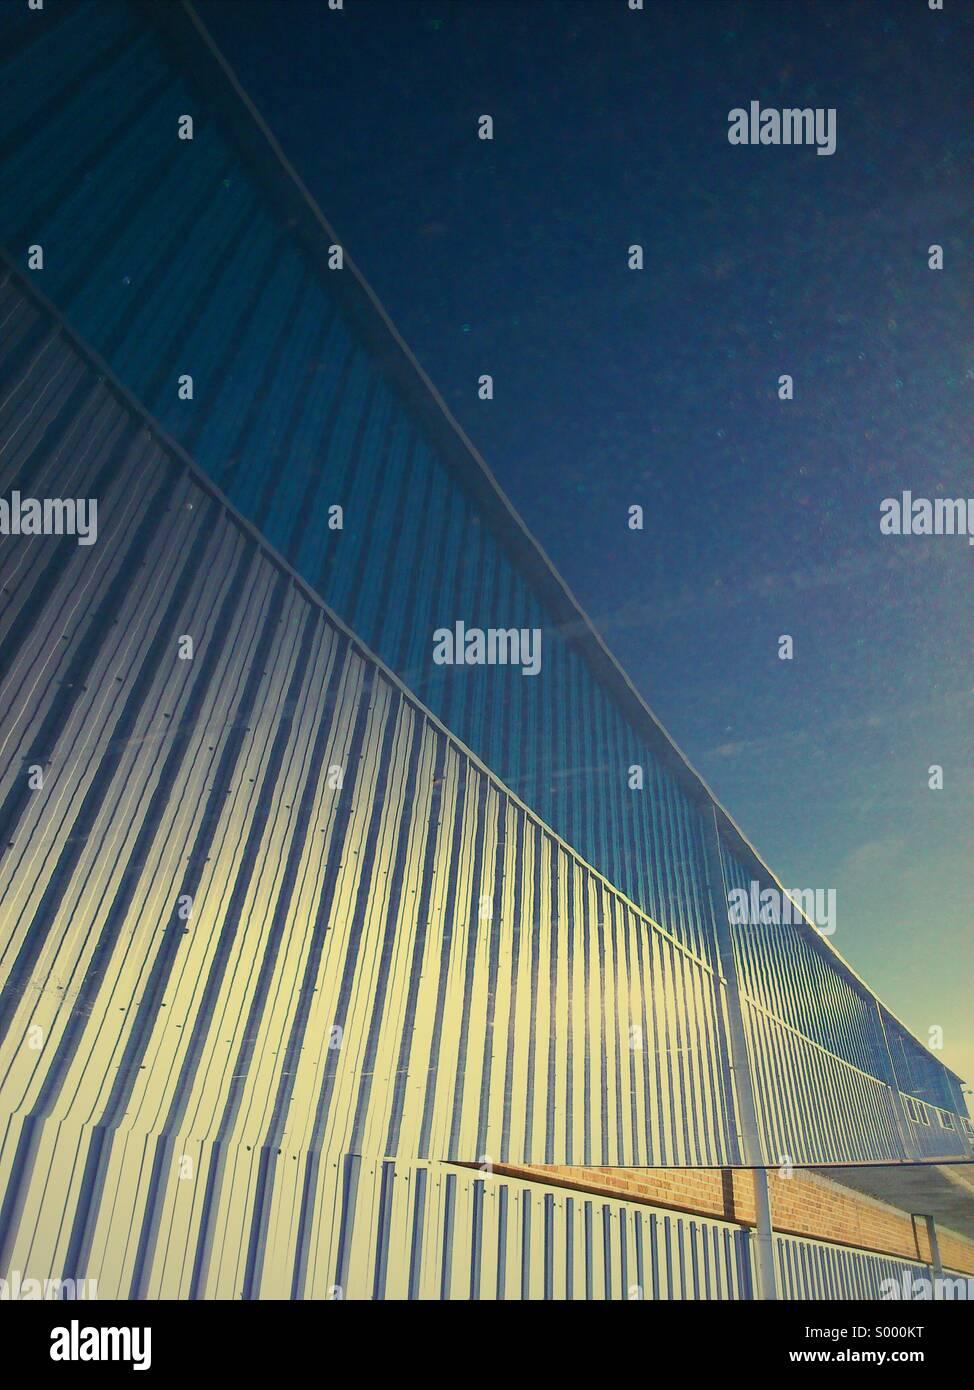 Résumé de la réflexion en s'appuyant sur toit de voiture Photo Stock